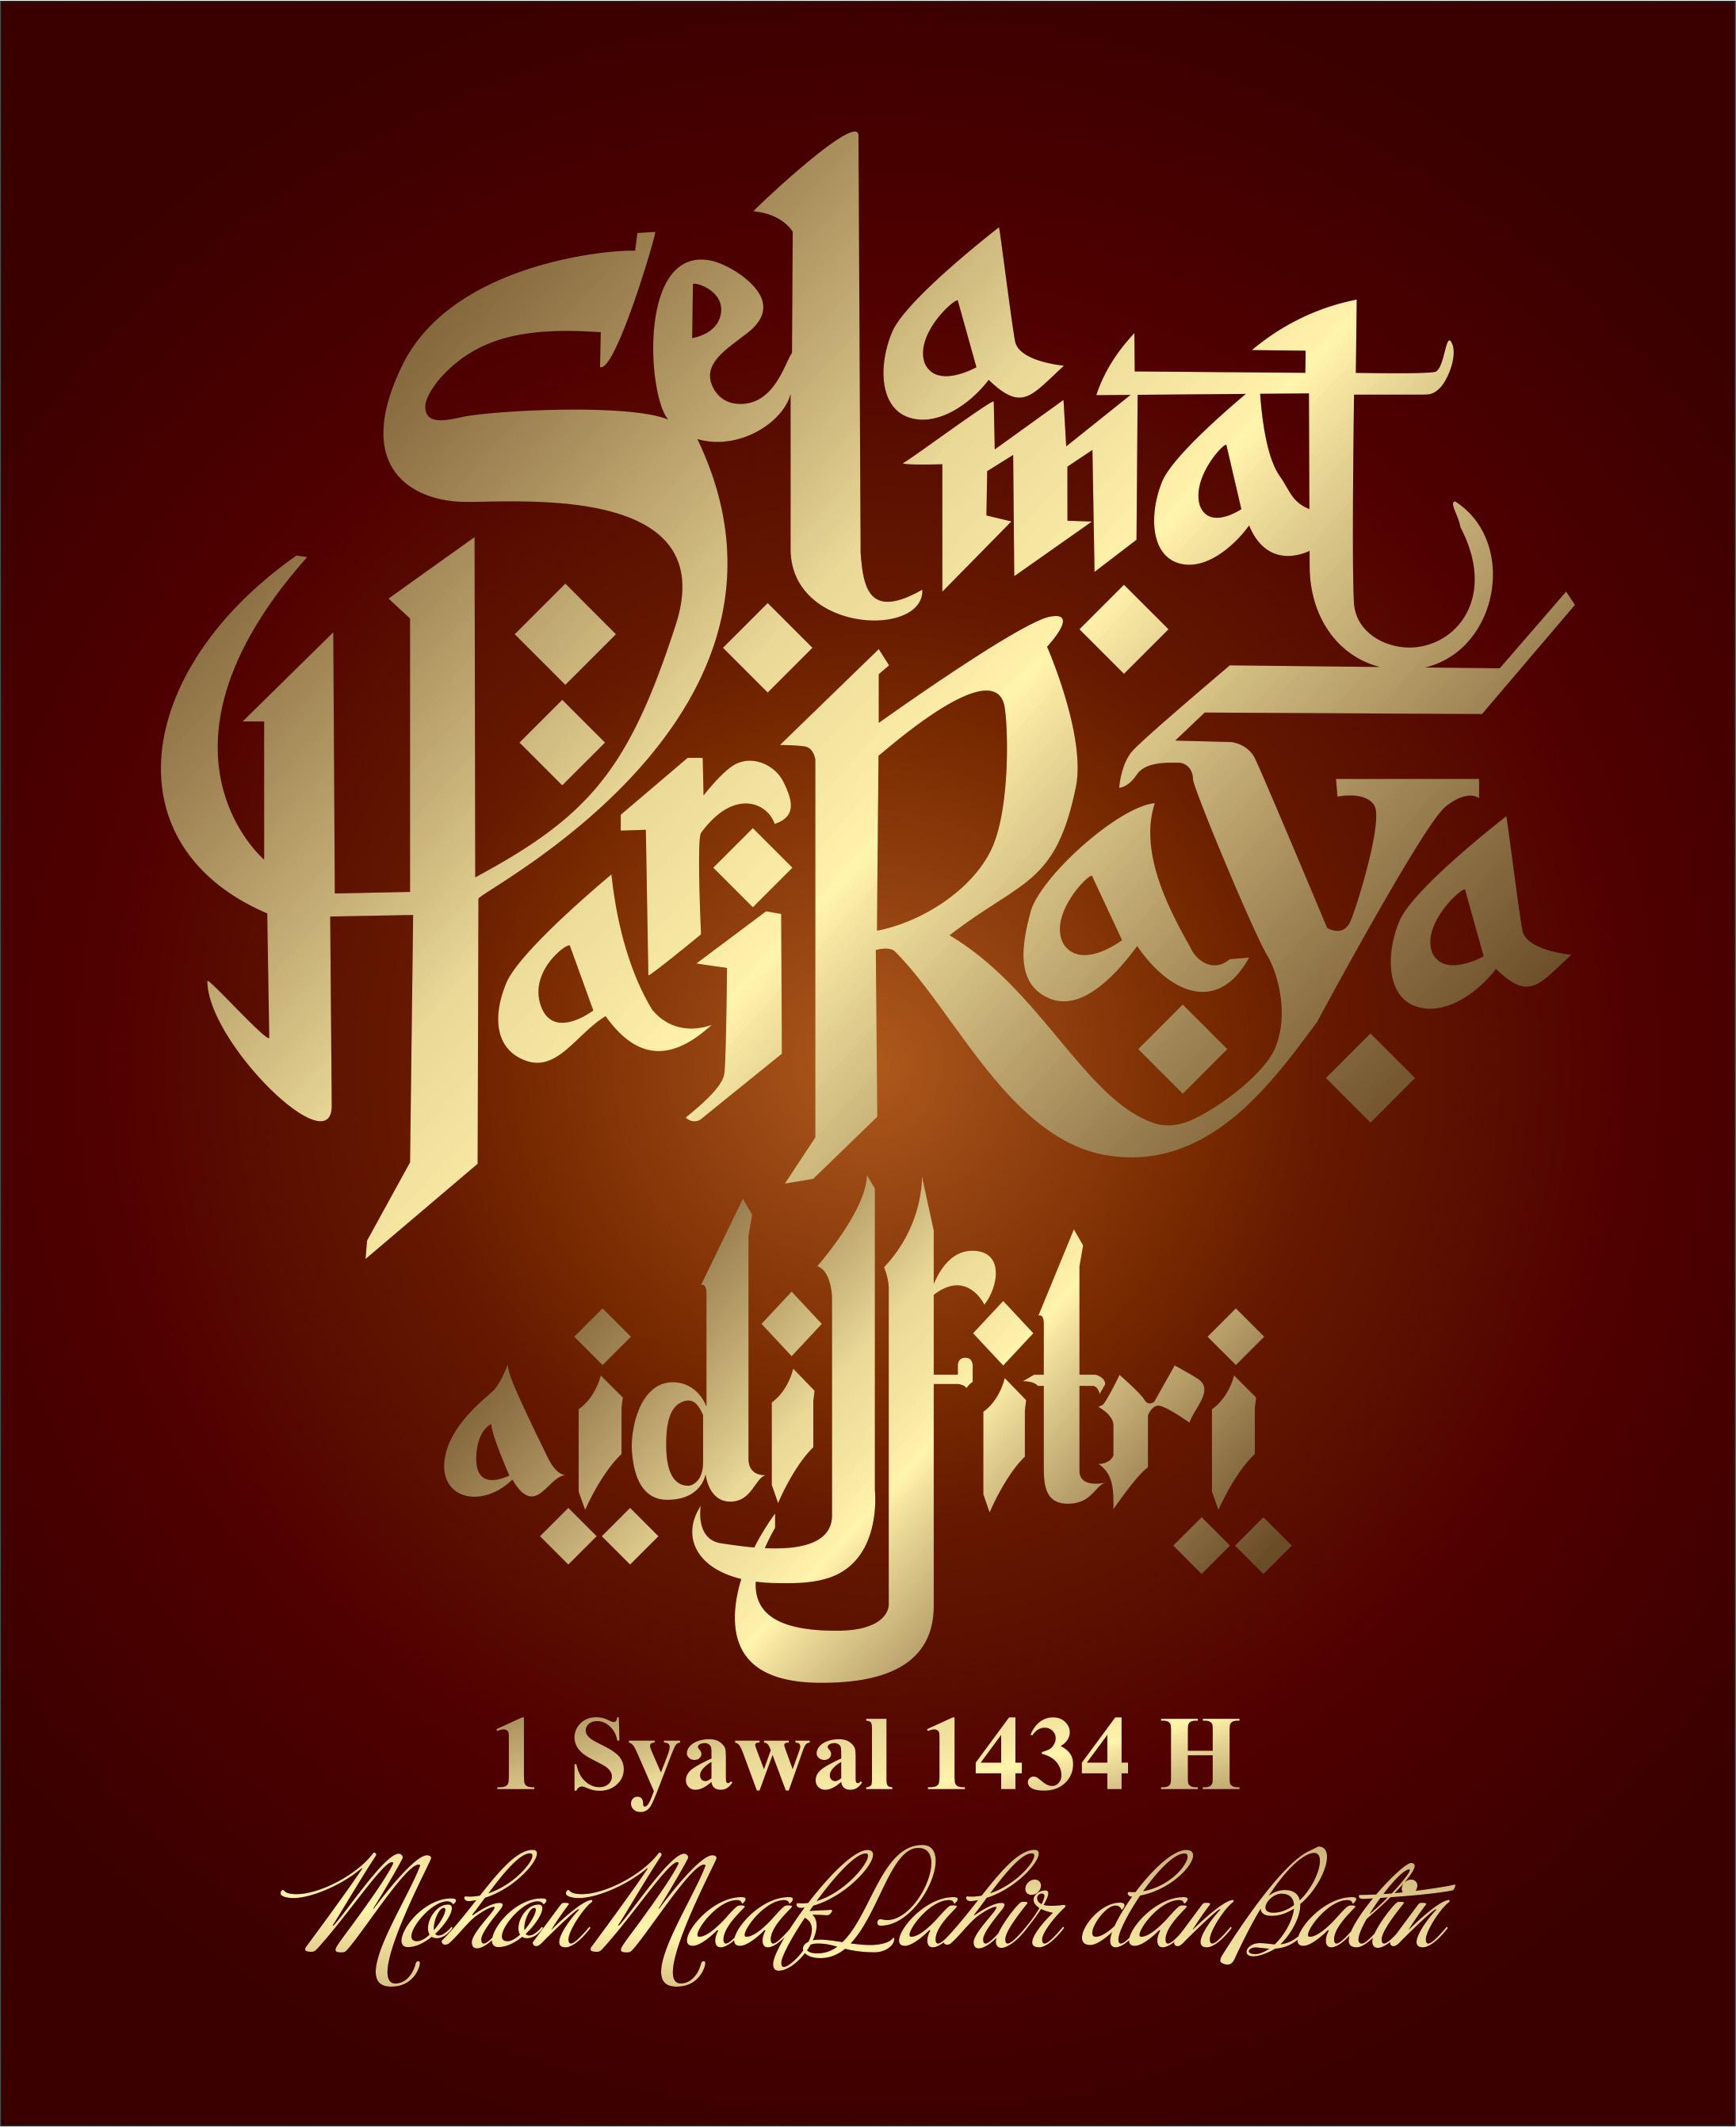 Selamat Idul Fitri 1434 H Roso Daras